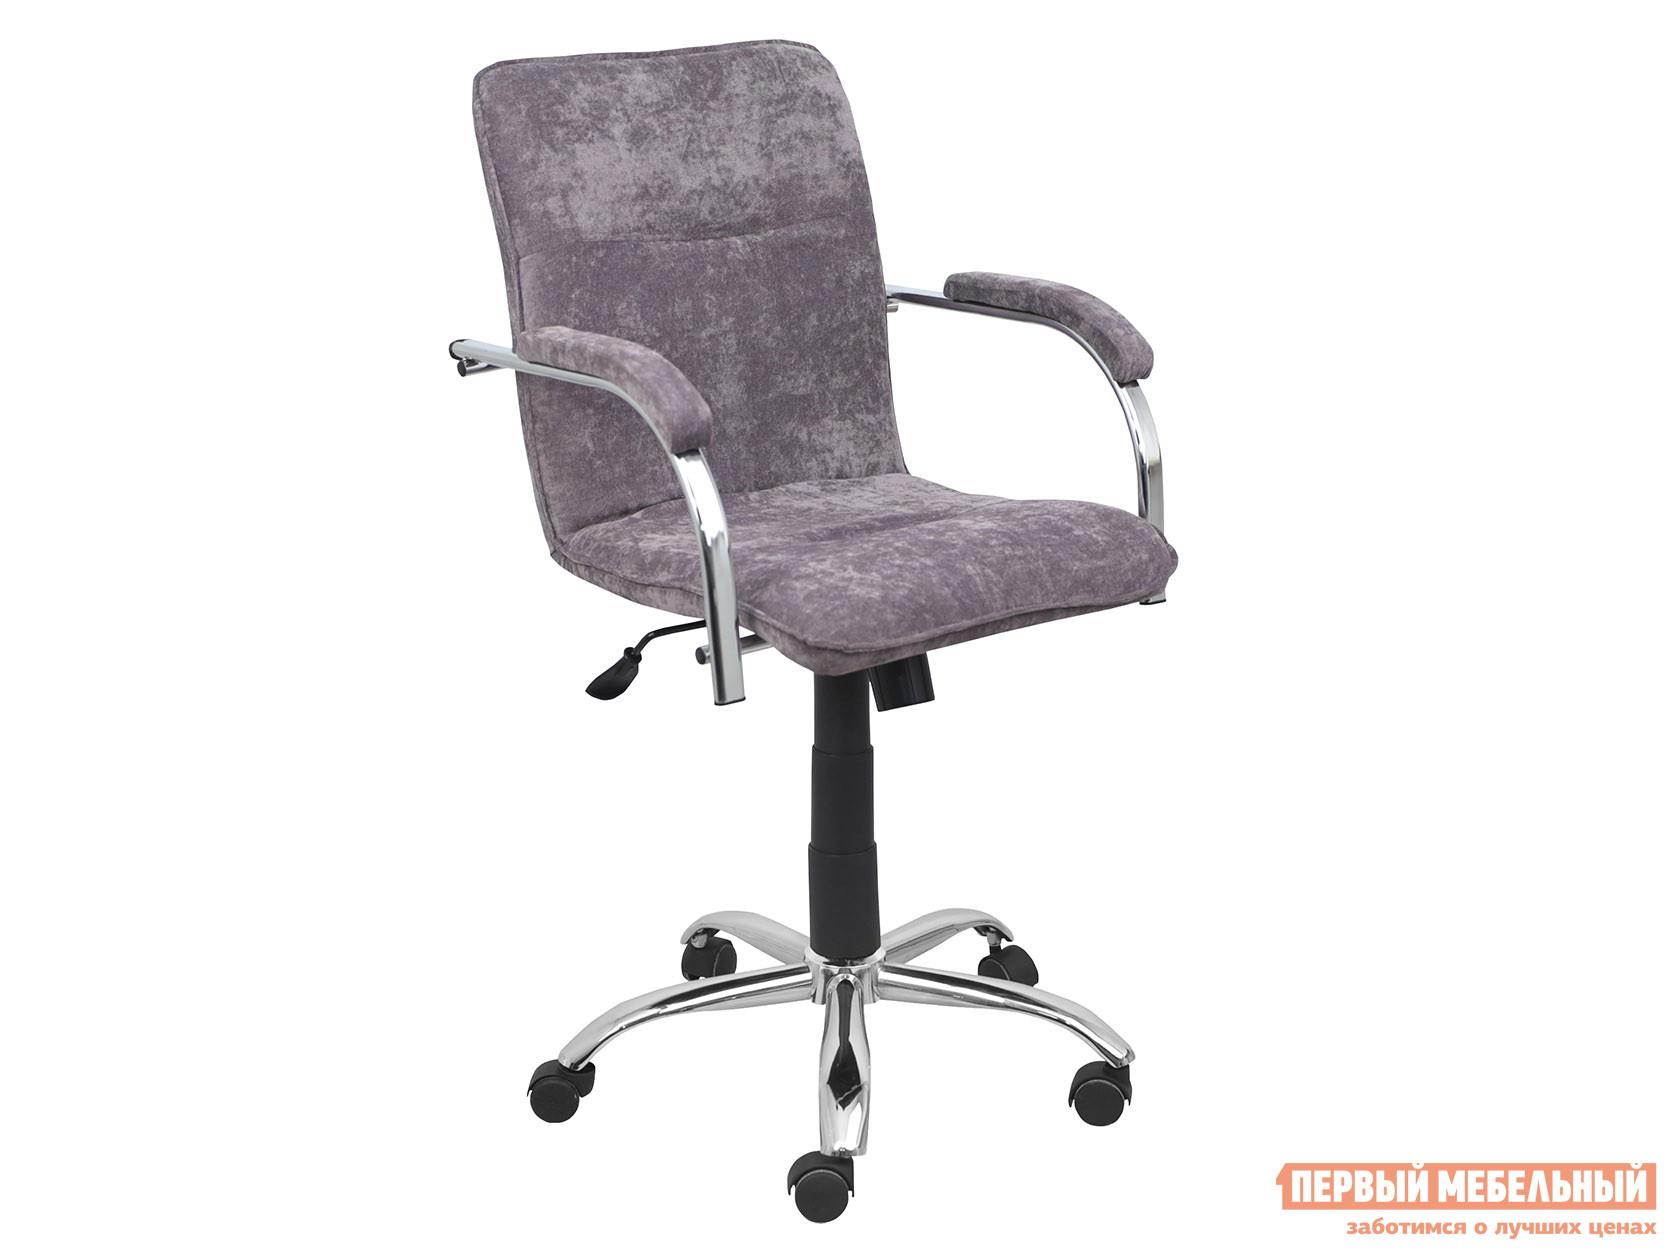 Офисное кресло  SAMBA AKS-2 Серый, велюр, Мягкие Базистрейд 137643